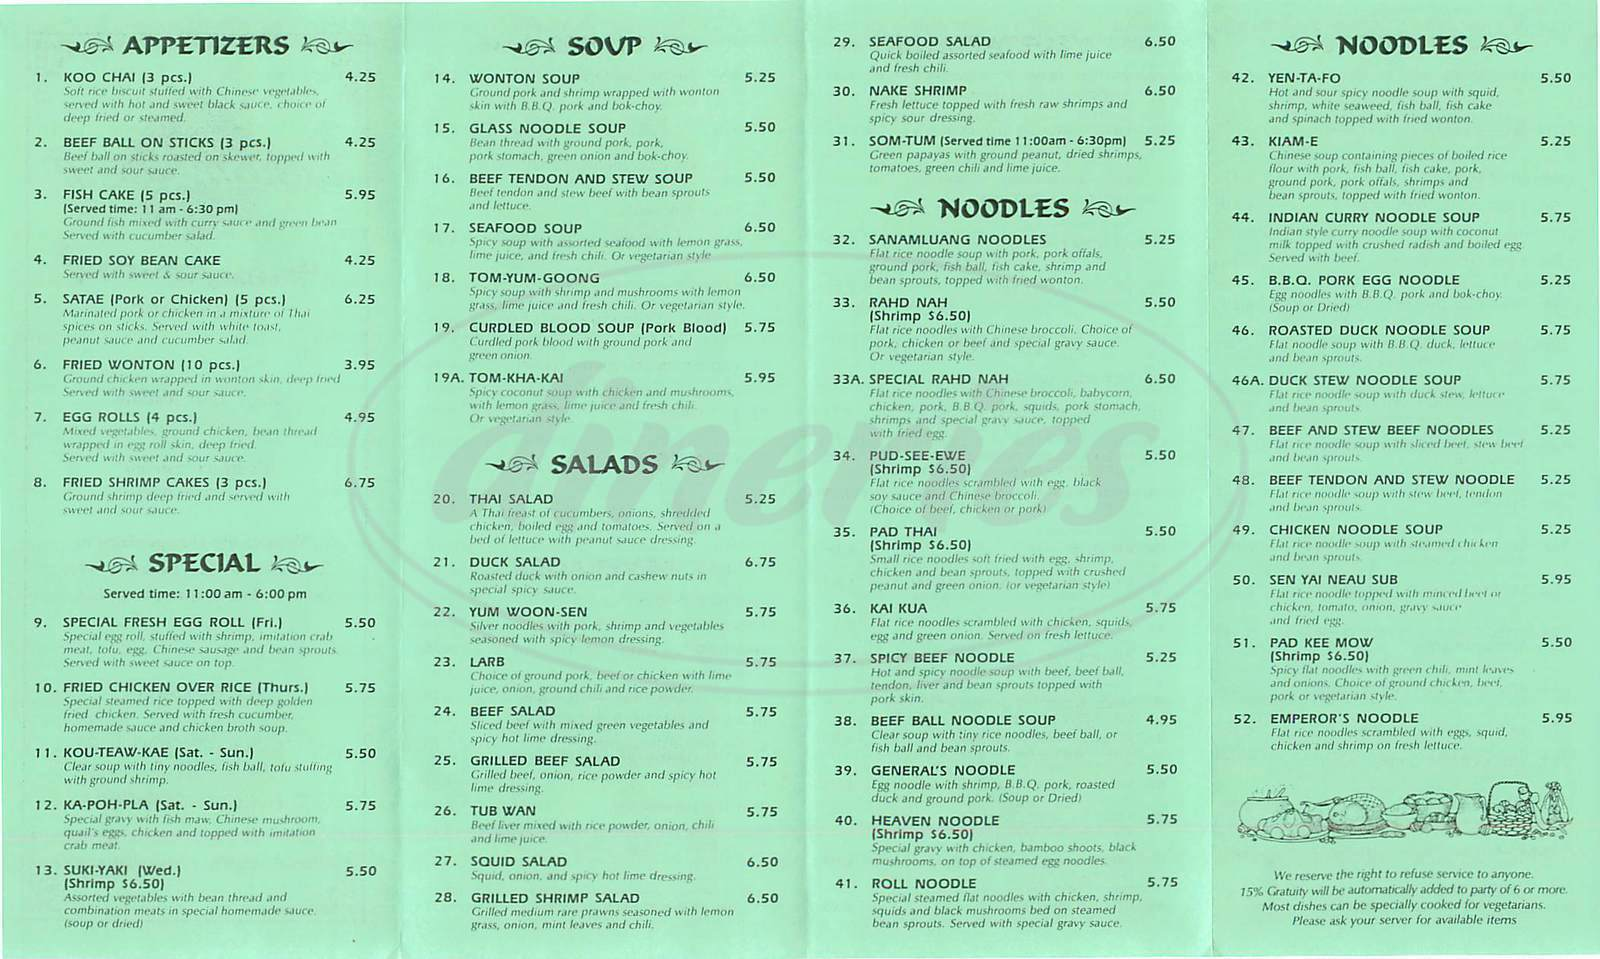 menu for Sanam Luang Café